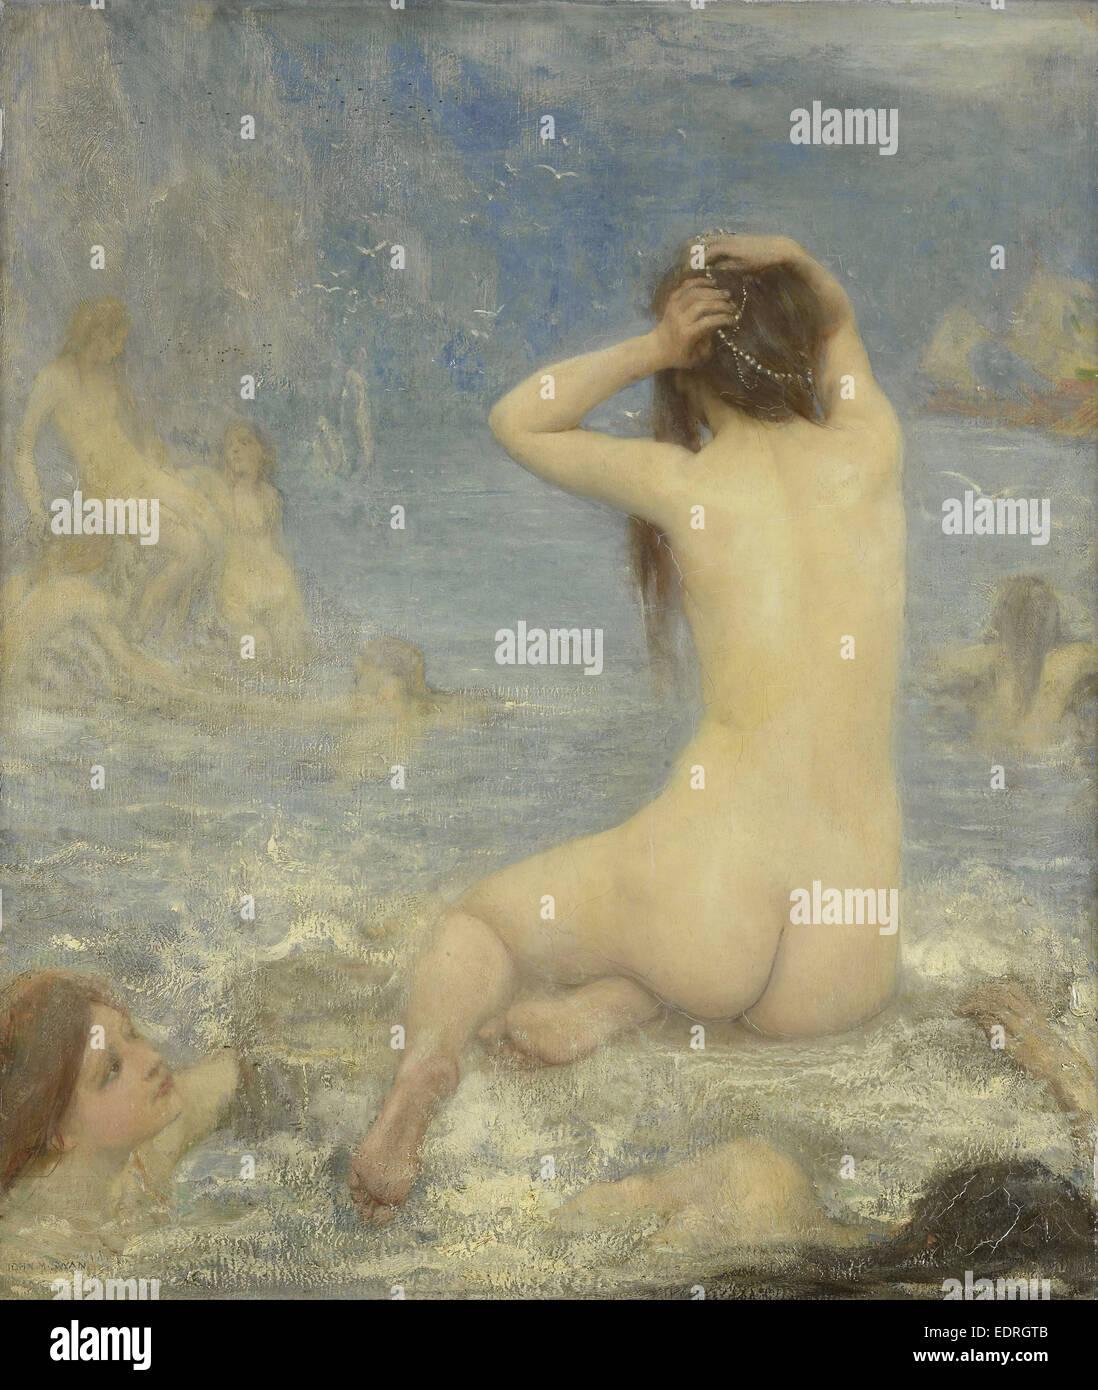 Le sirene, John Macallan Swan, 1870 - 1910 Immagini Stock